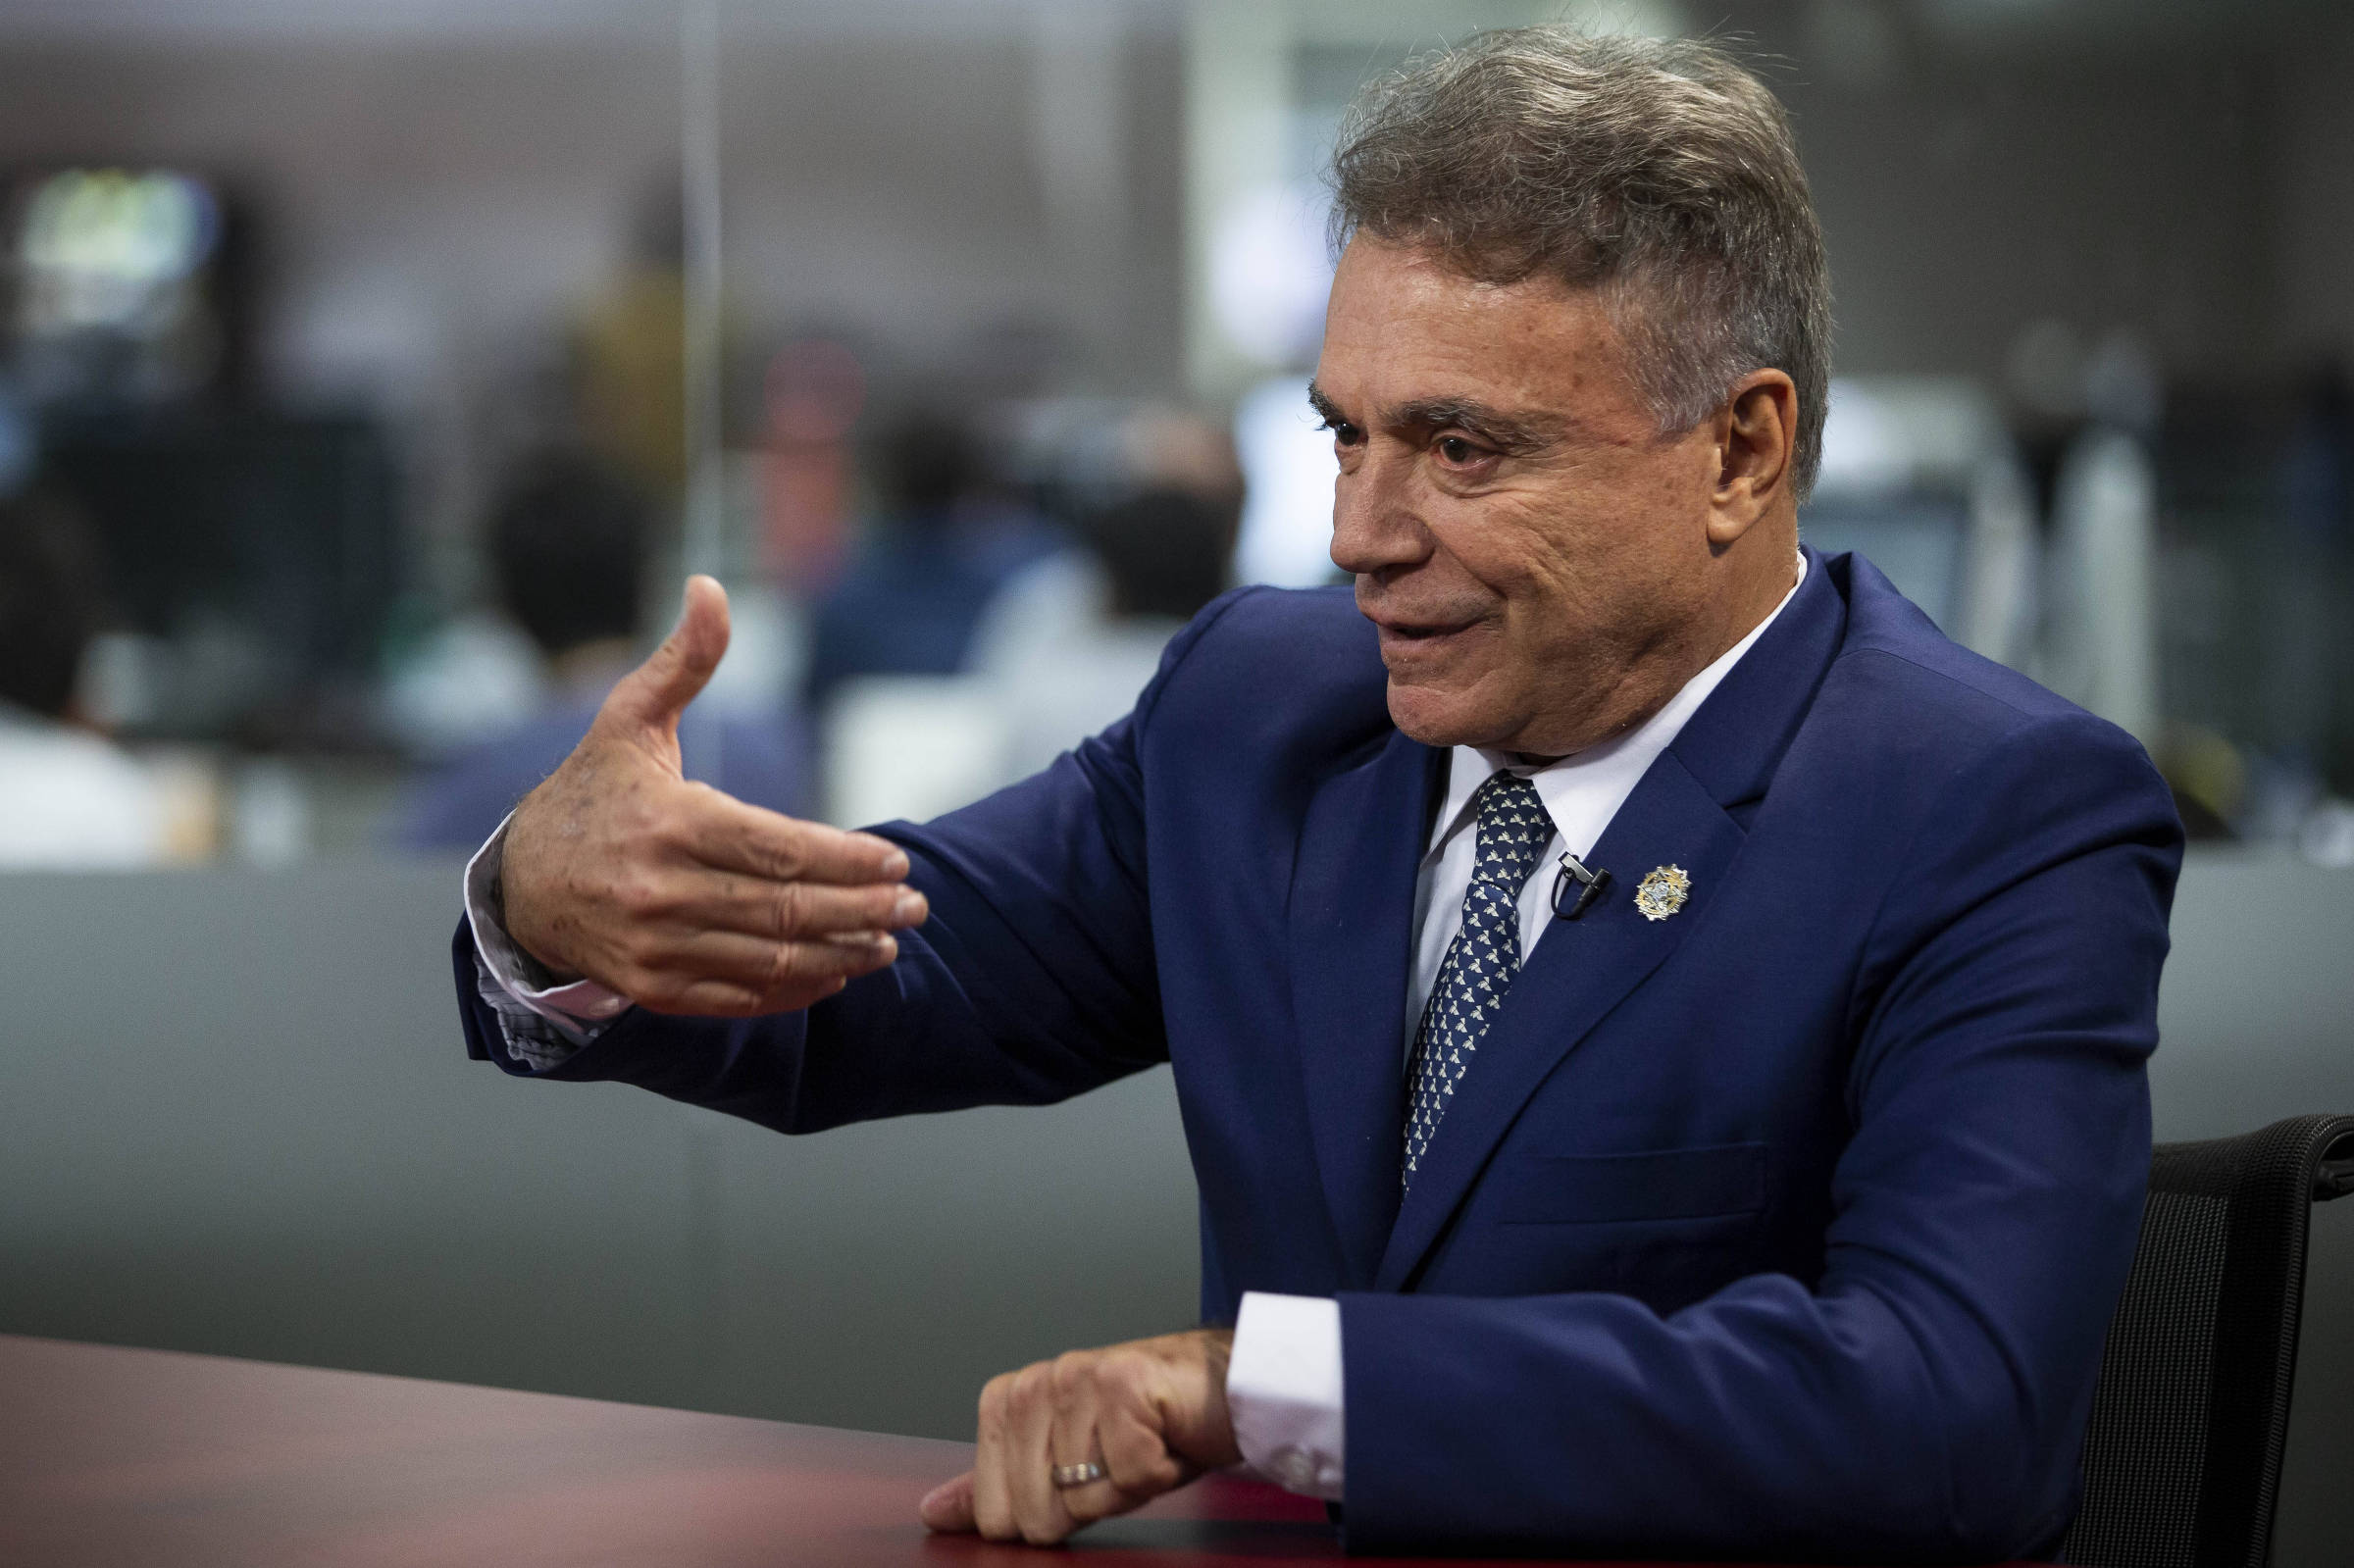 Álvaro Dias responde a pergunta no estúdio da TV Folha, em São Paulo